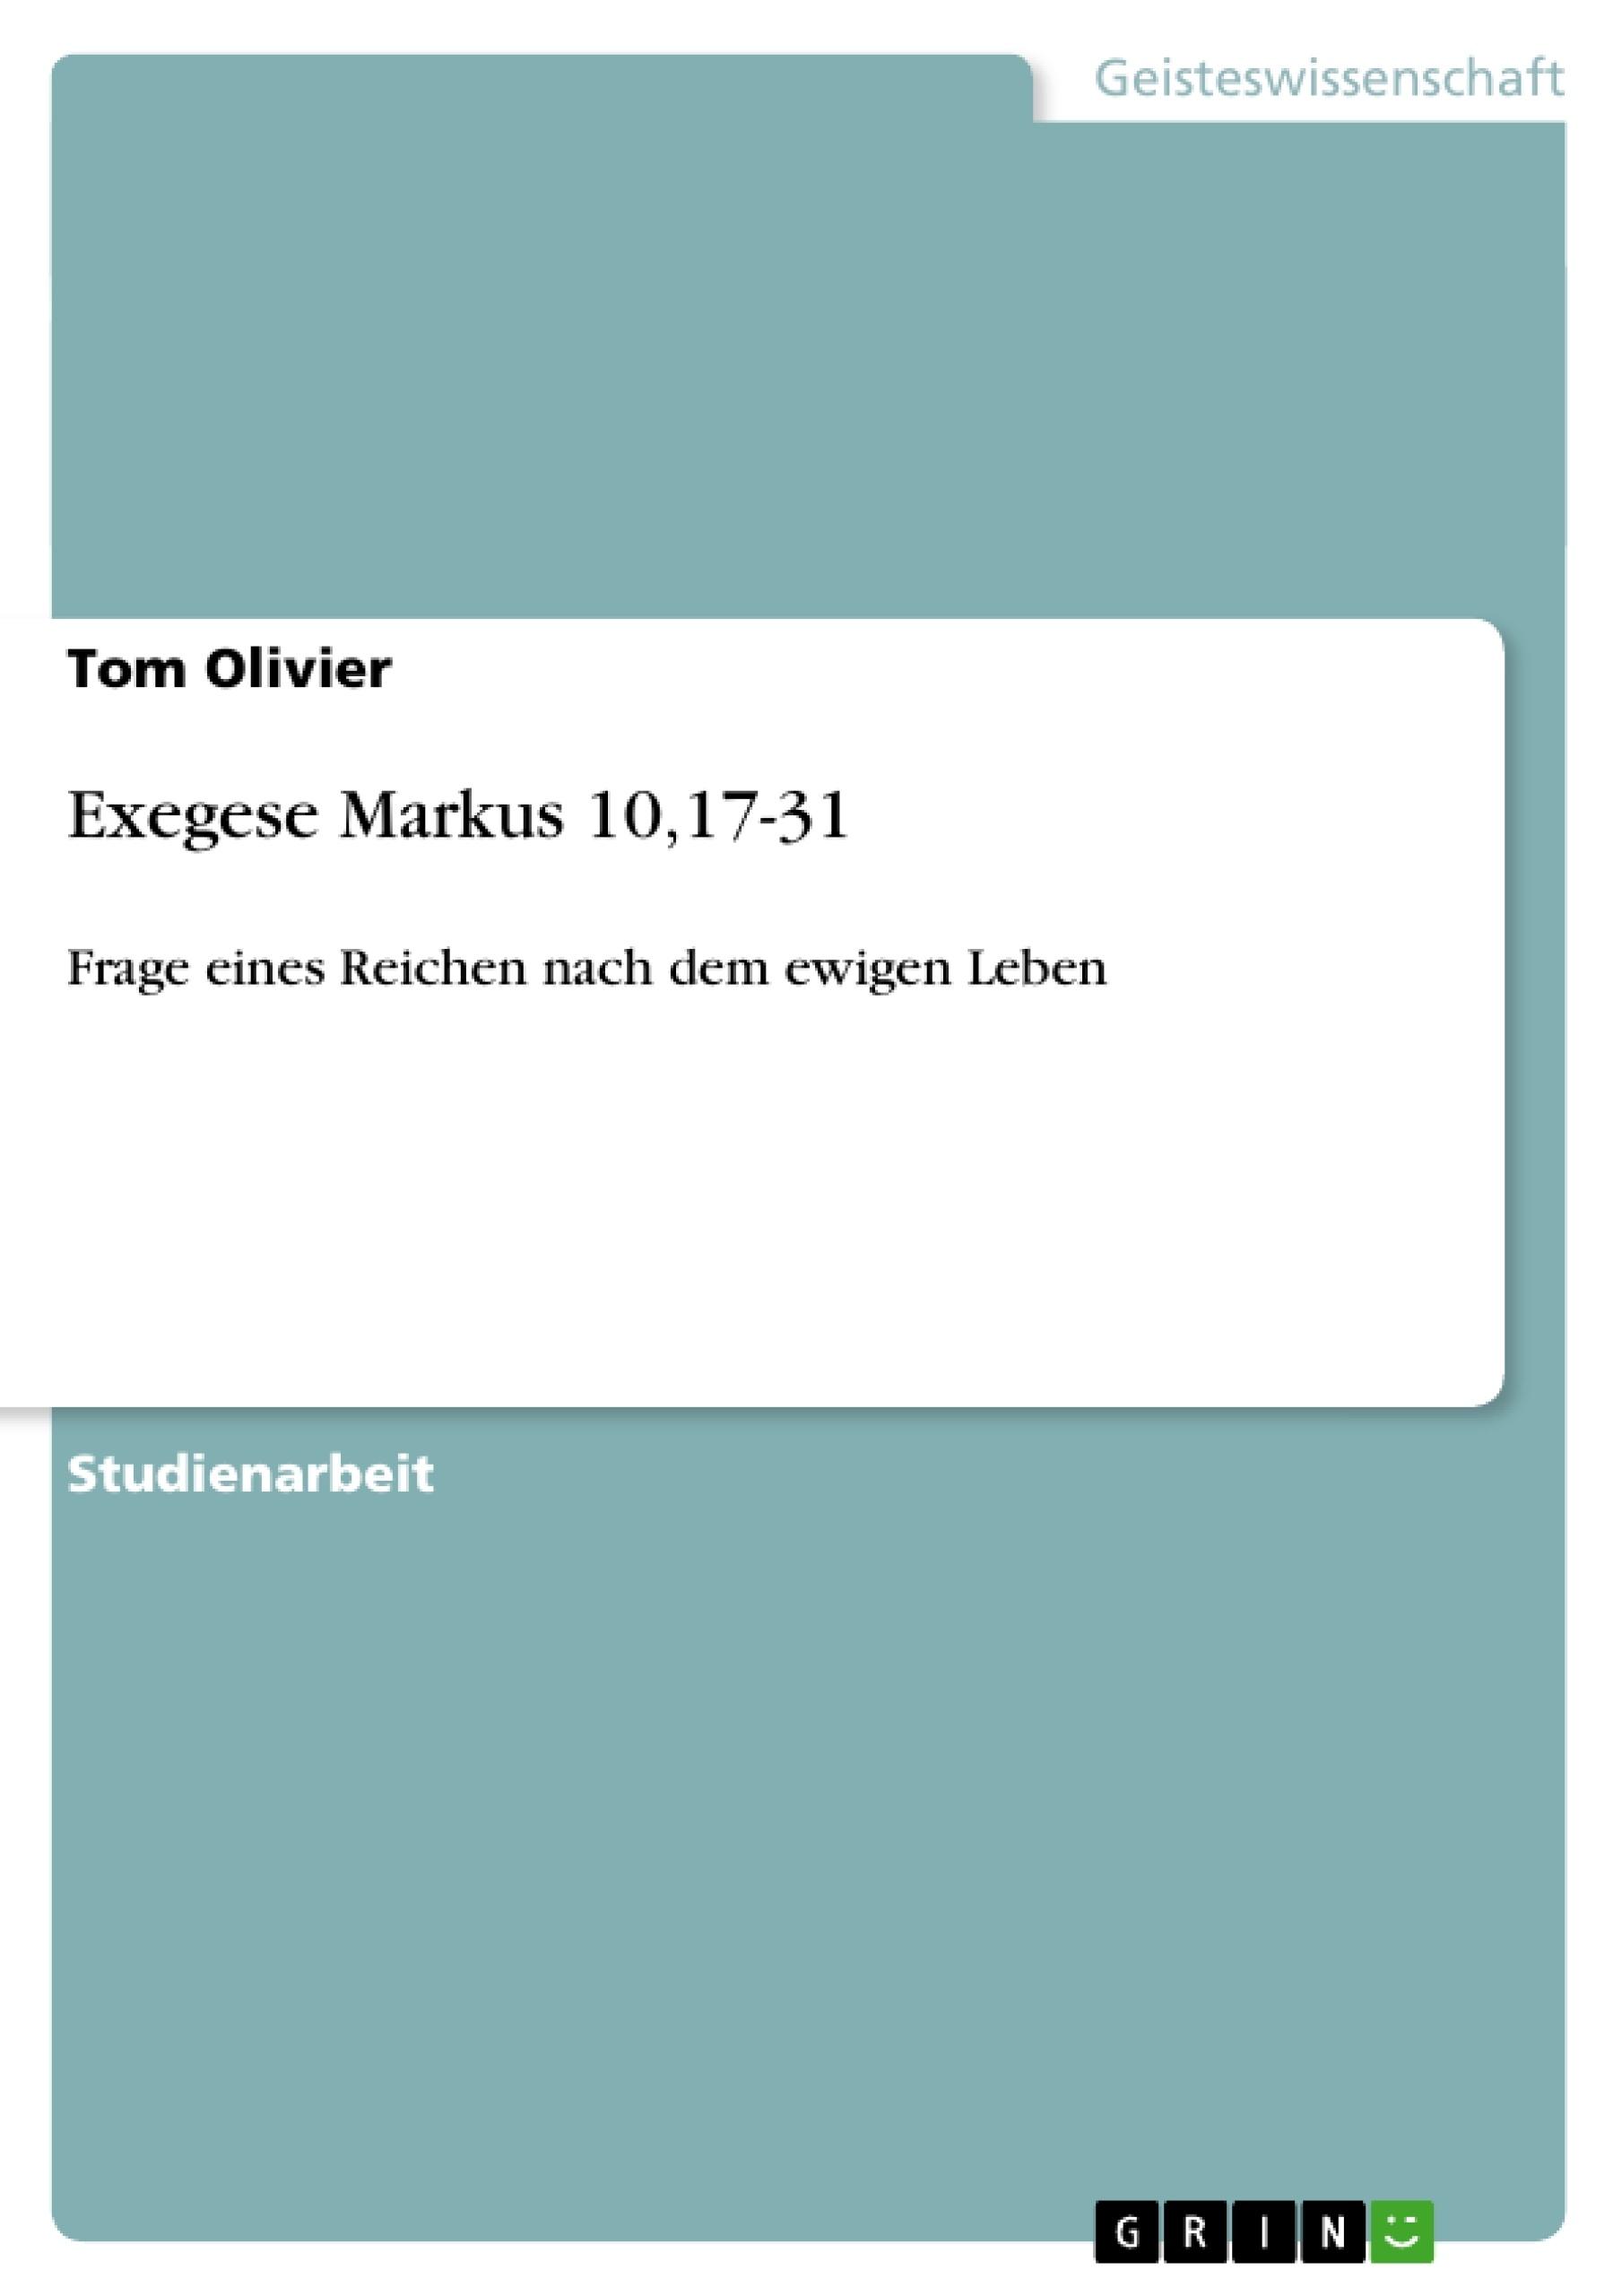 Titel: Exegese Markus 10,17-31